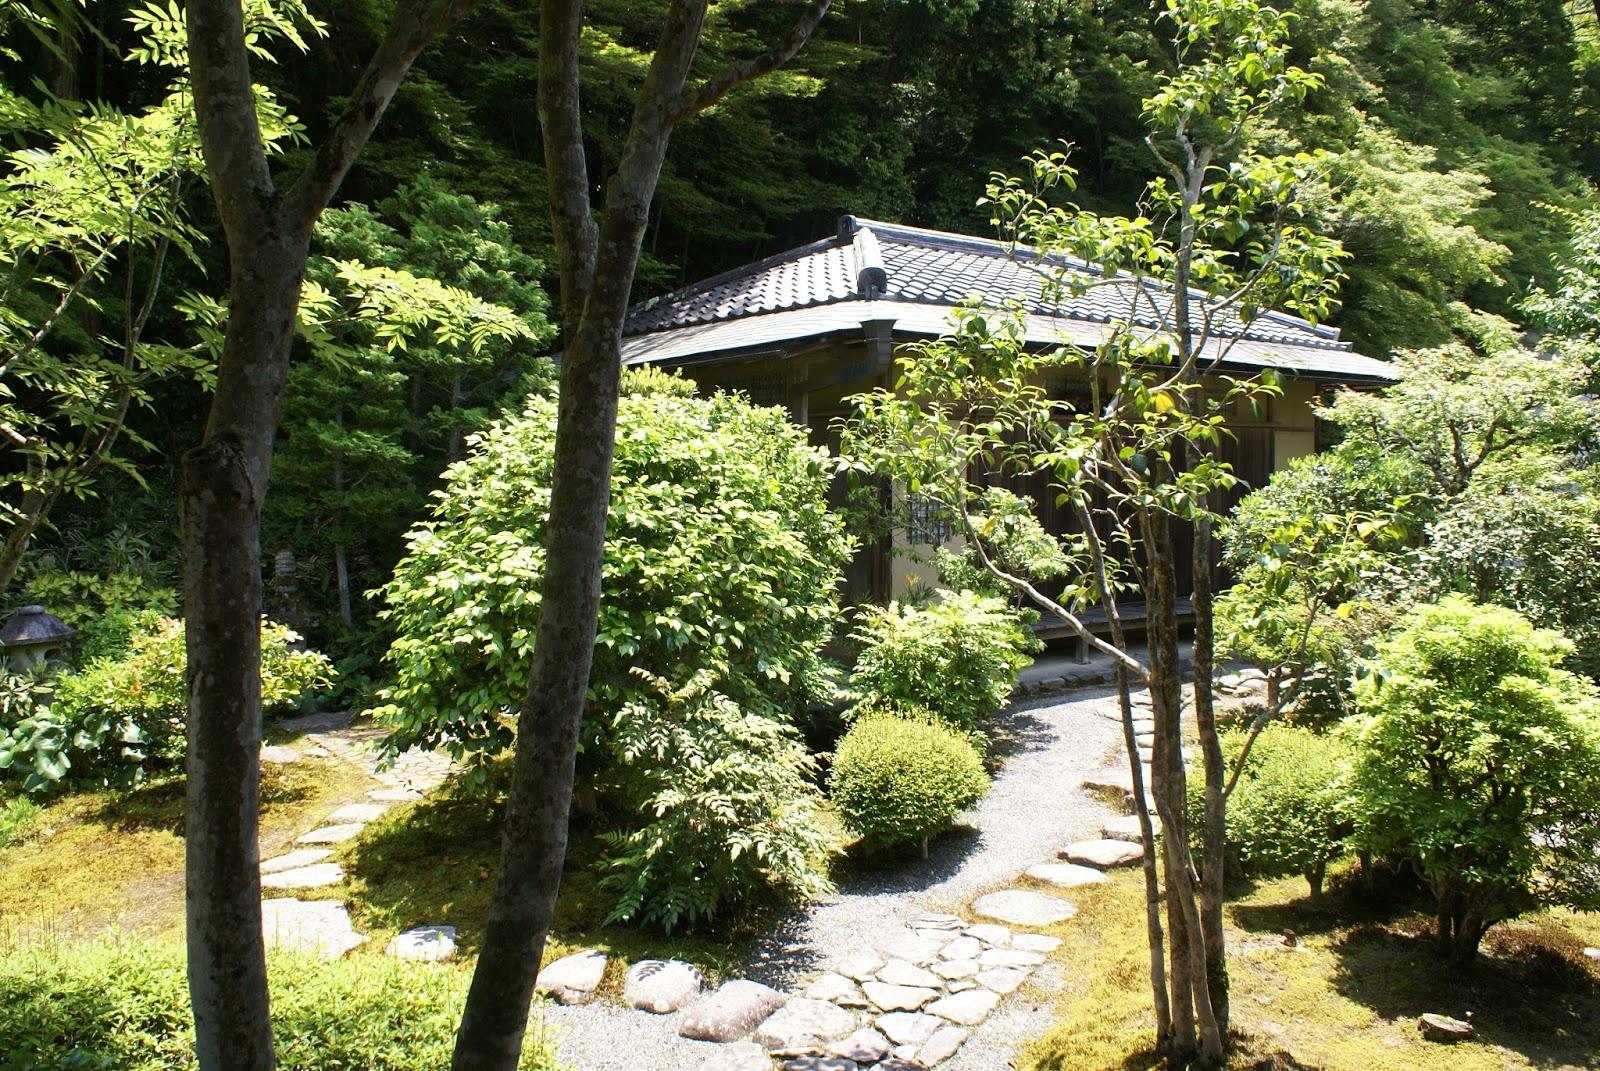 nanzen-ji buddhist temple garden kyoto japan